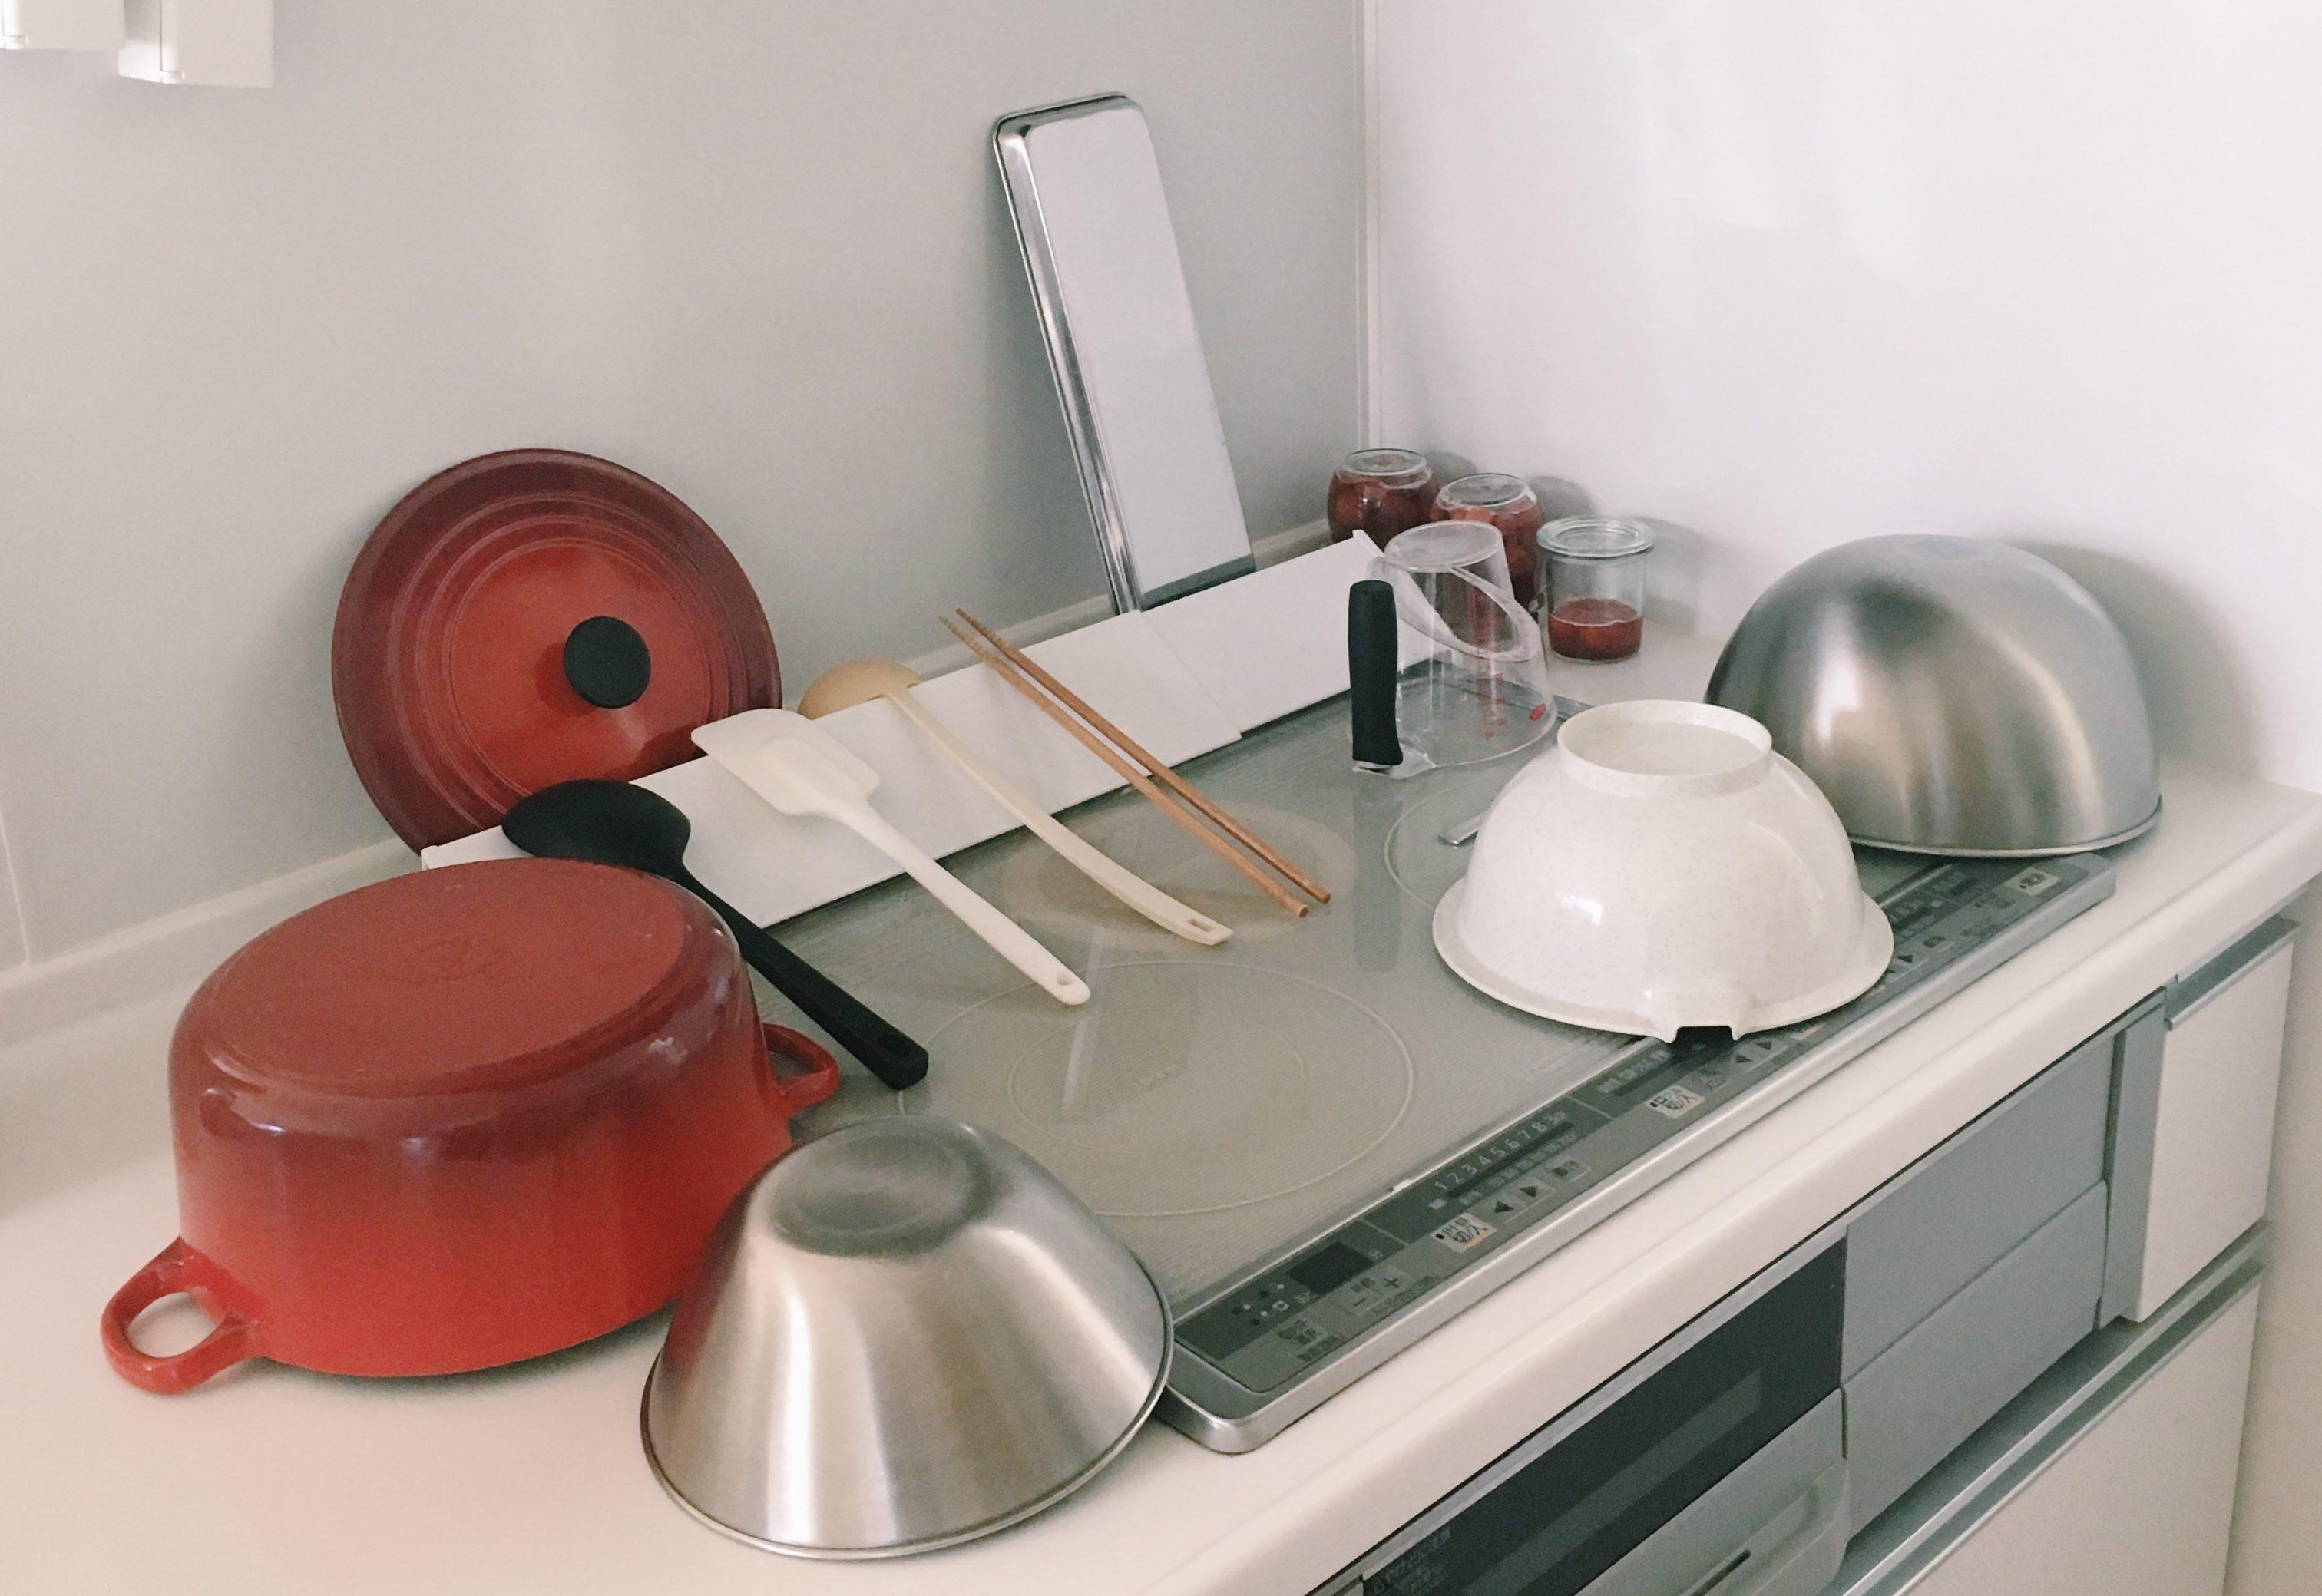 排気口カバーの段差を利用して、キッチンツールを乾かしています。